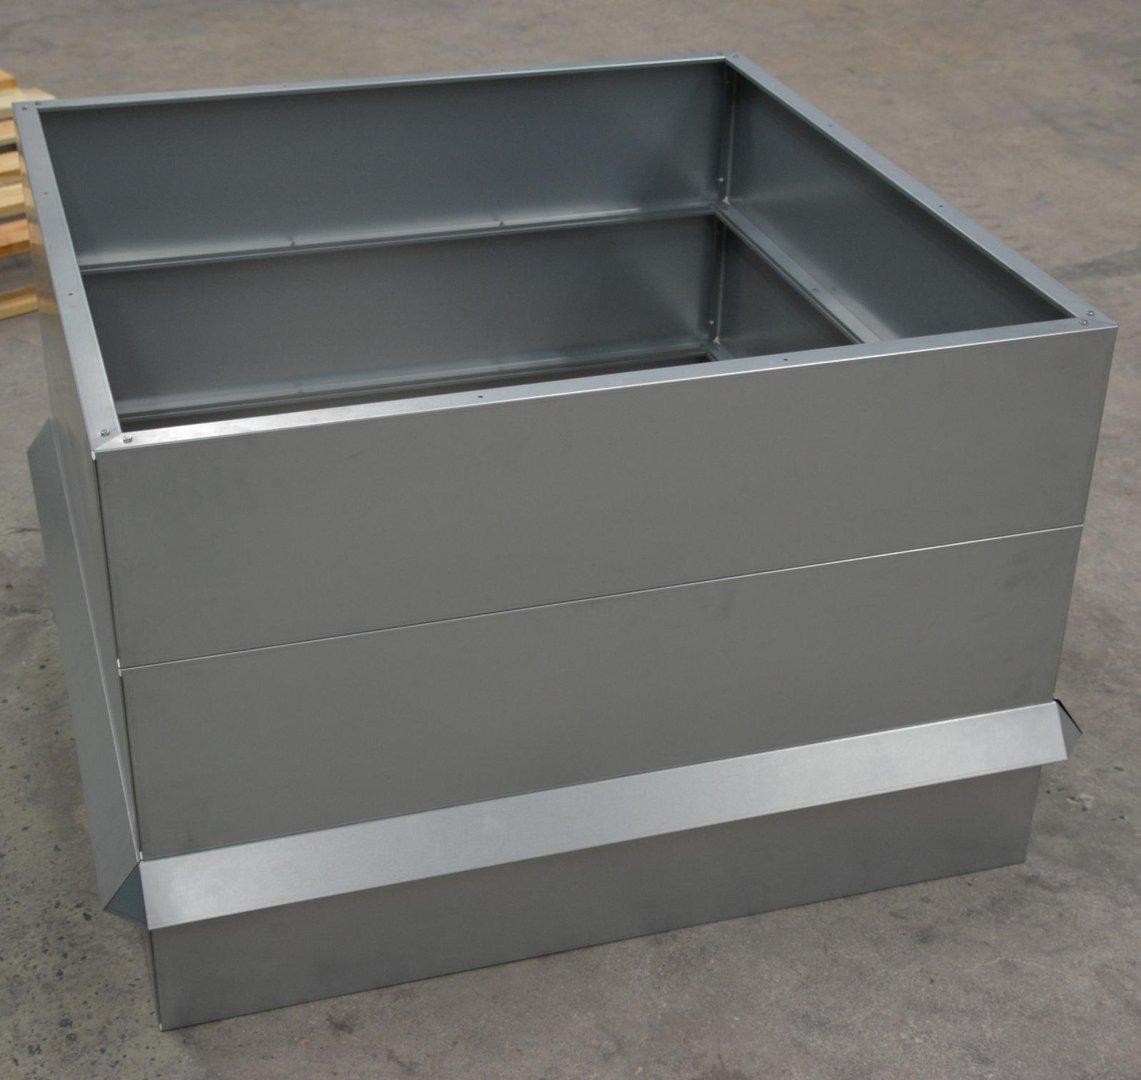 hochbeet metall mit schneckenzaun metall 1mx1m 68 cm hoch. Black Bedroom Furniture Sets. Home Design Ideas